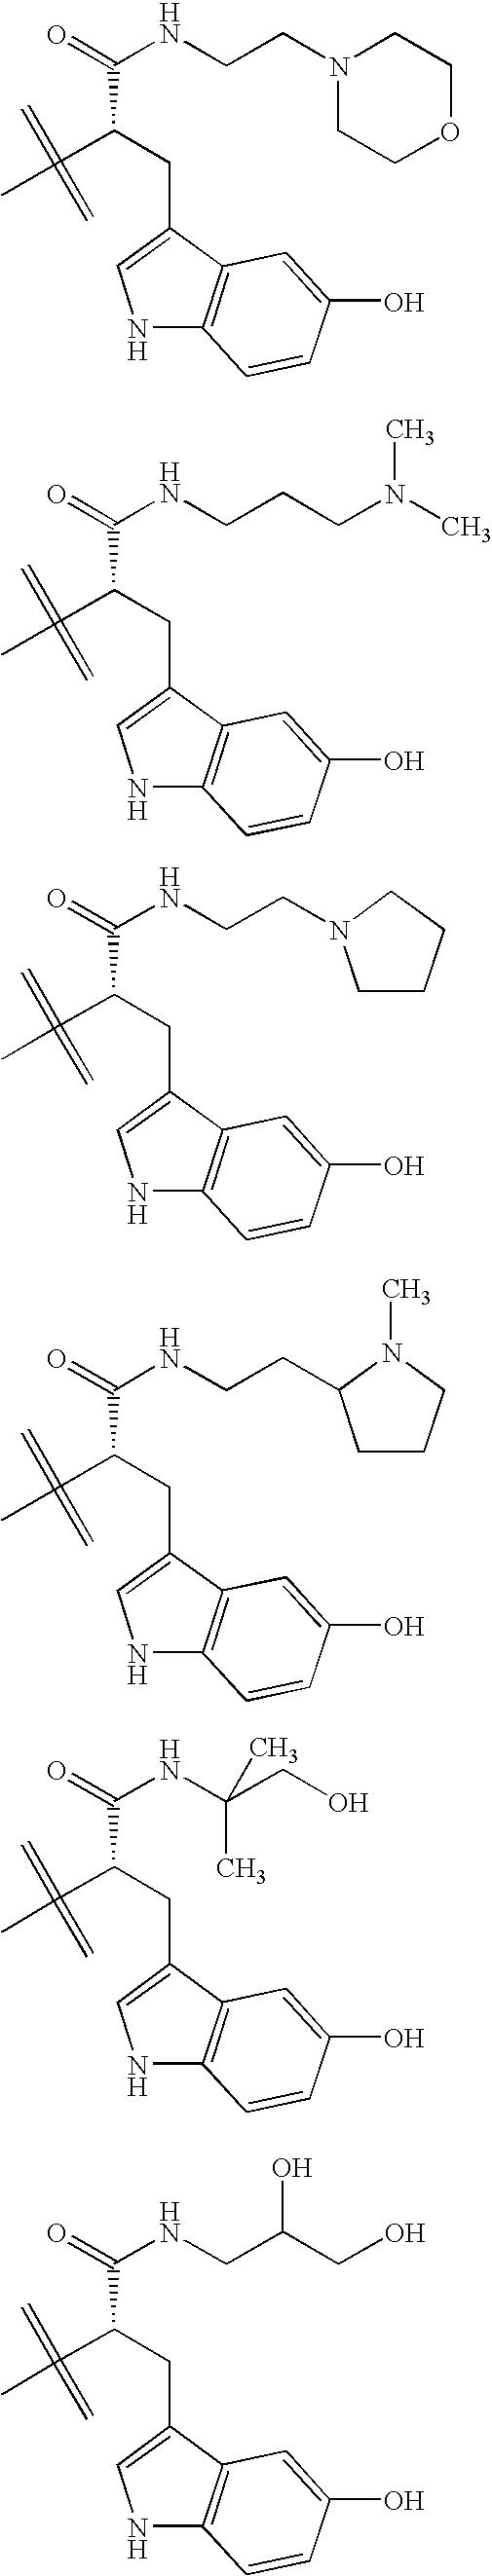 Figure US20070049593A1-20070301-C00124